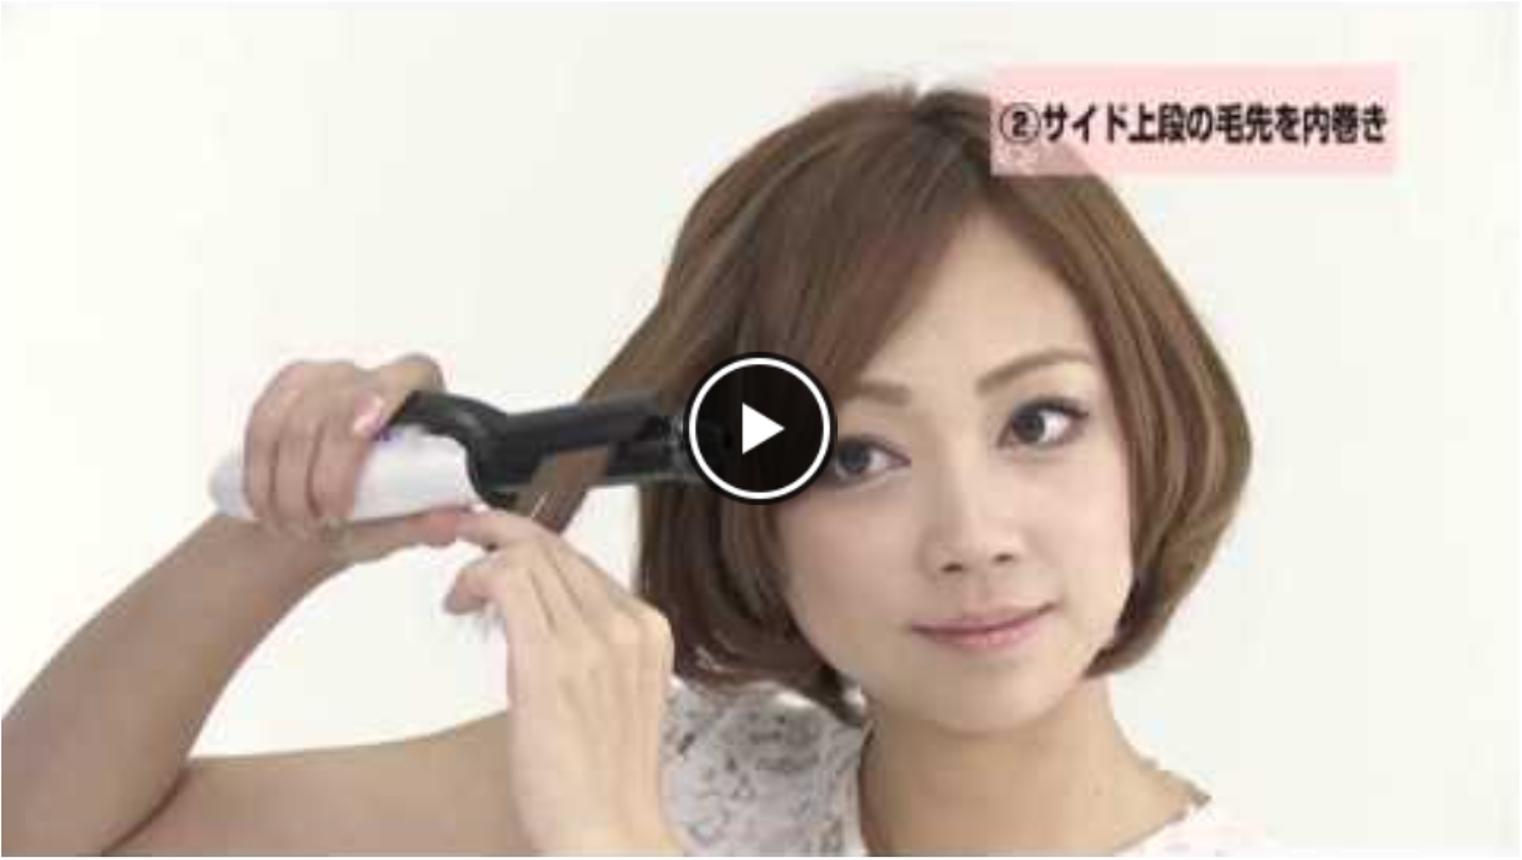 ショートボブの方が コテをつかって簡単に巻き髪を作る方法を特集